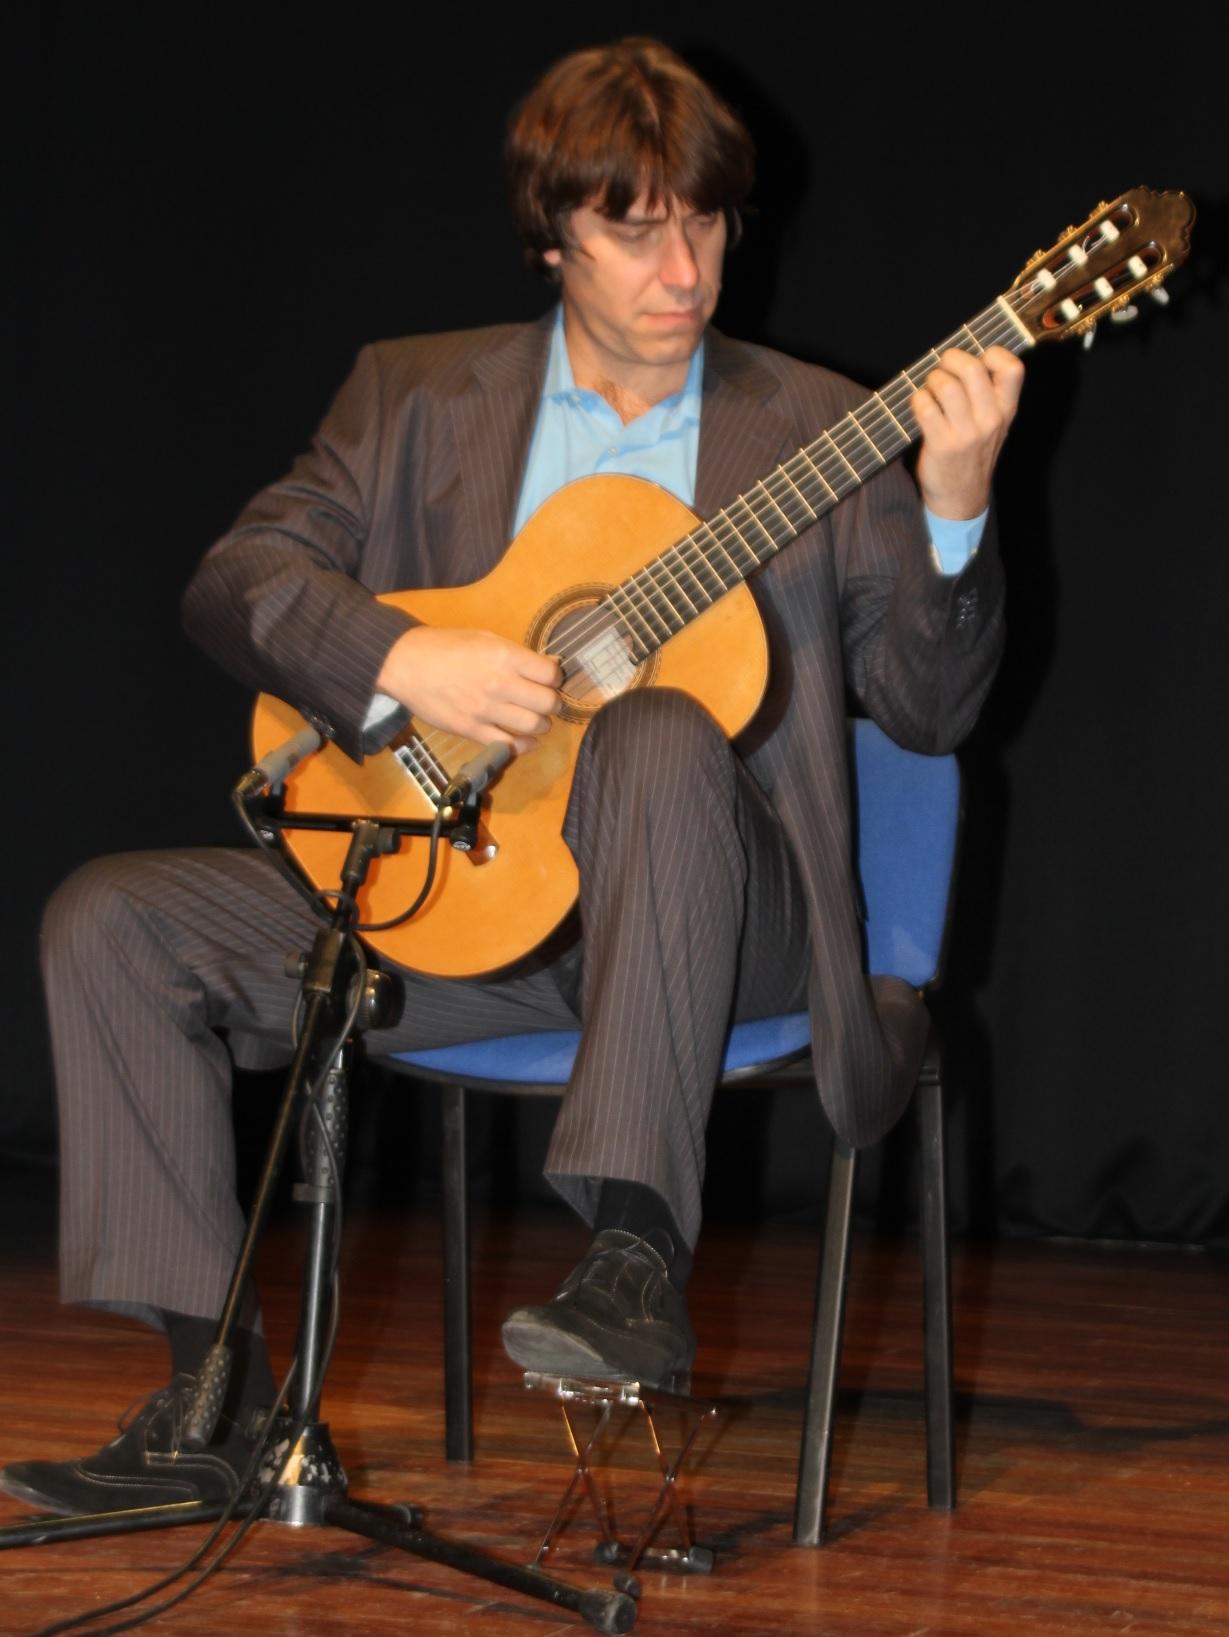 El guitarrista Joaquín Clerch ofreció un bello concierto en la Casa de la Cultura de Almuñécar